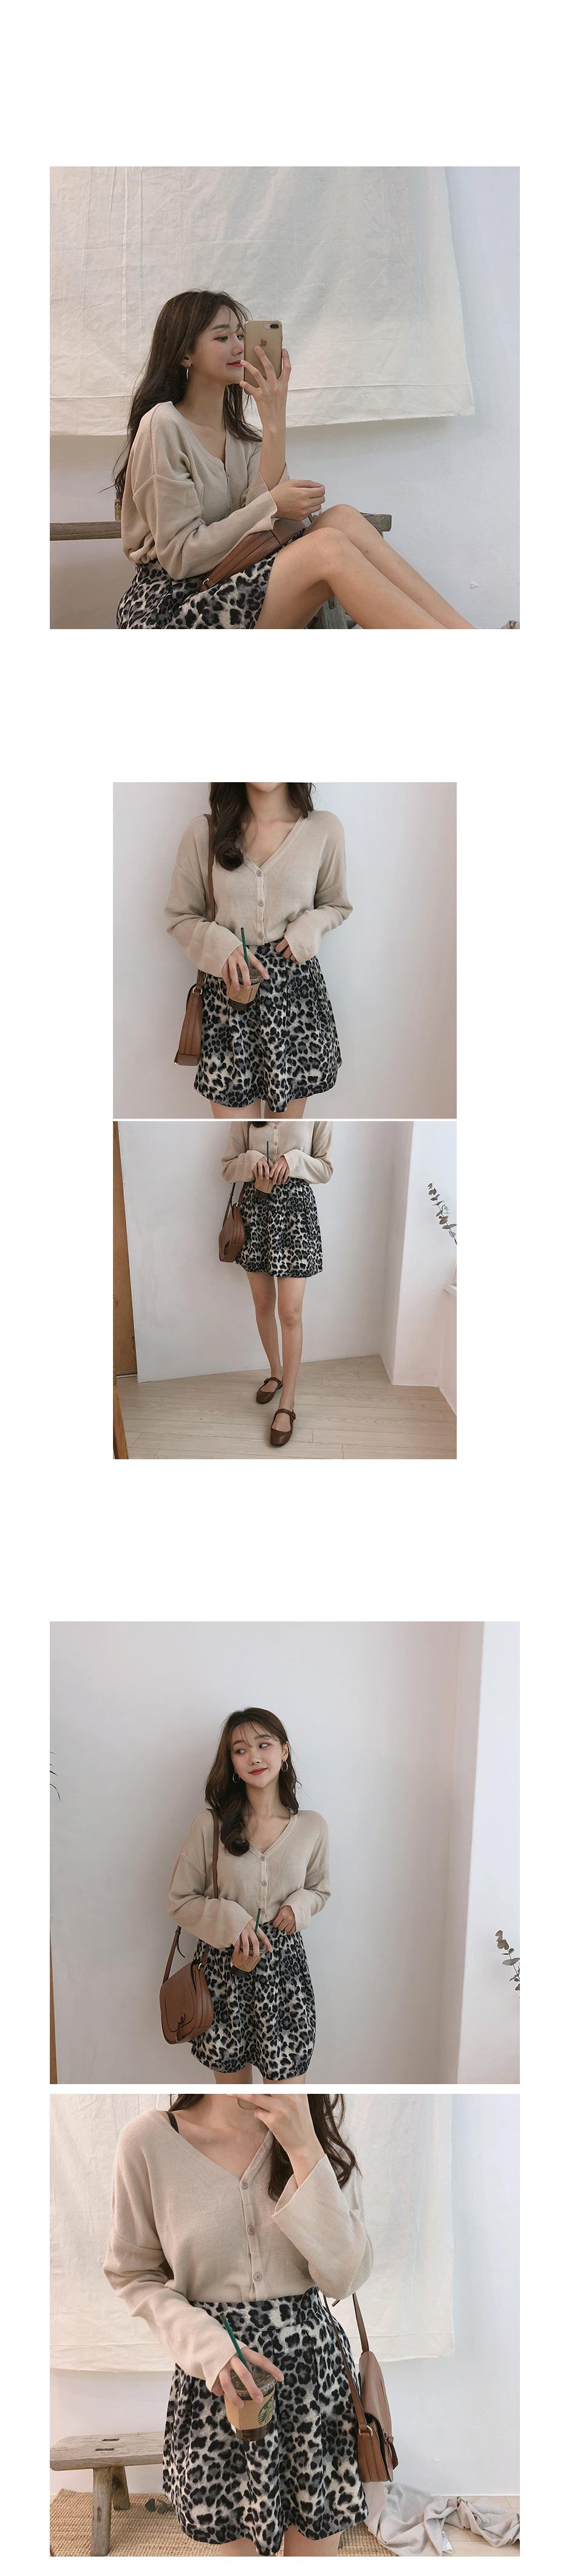 Mitsu-Hopi Skirt